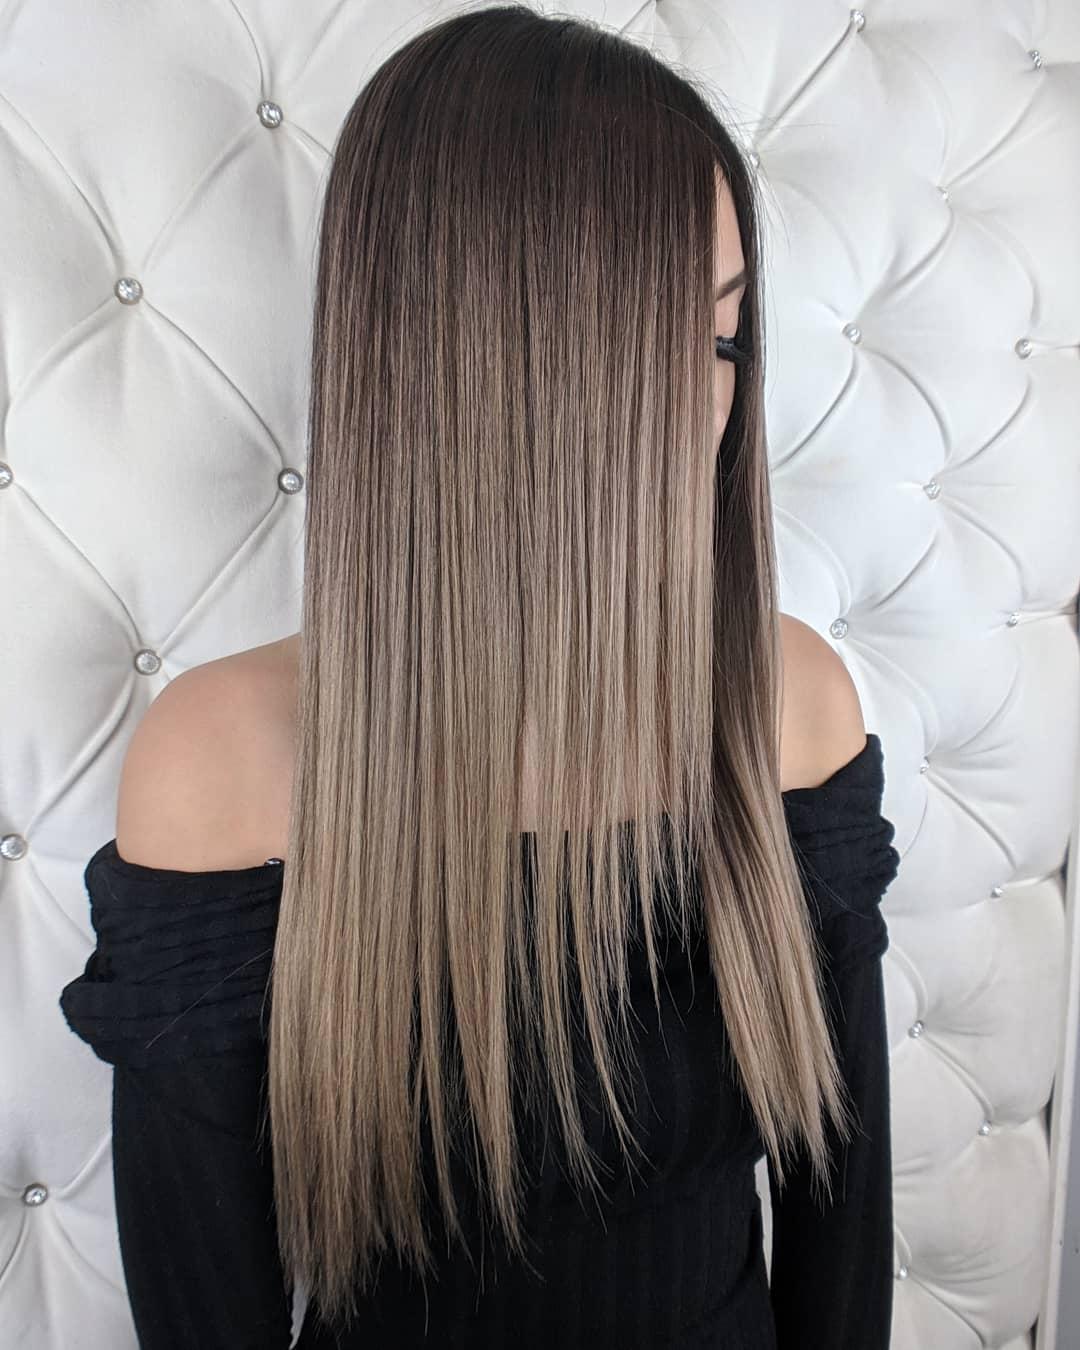 стрижки на длинные волосы 2020 фото 13